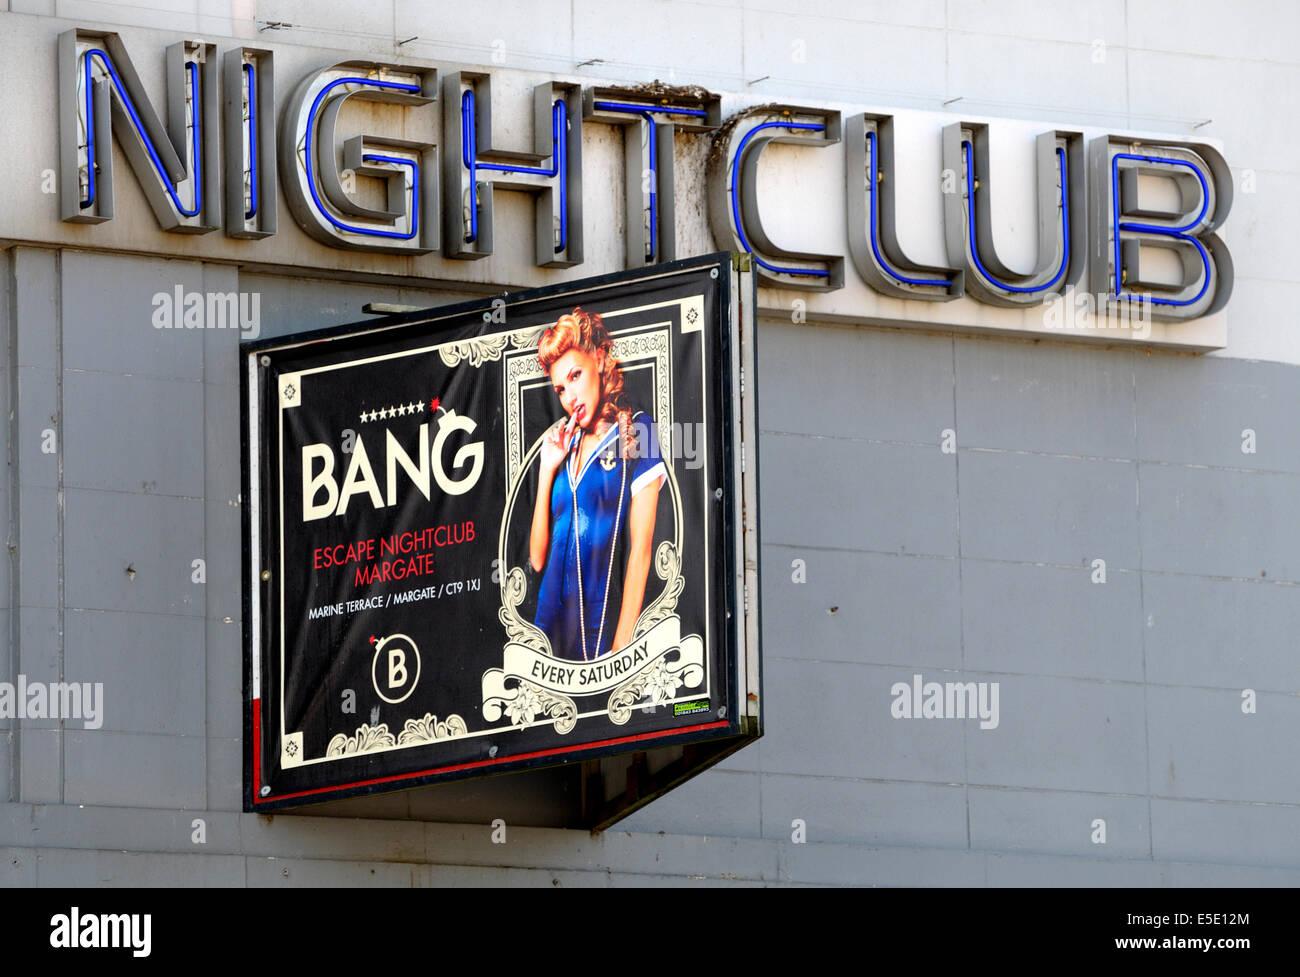 Margate, Kent, England, UK. Escape Nightclub - Stock Image